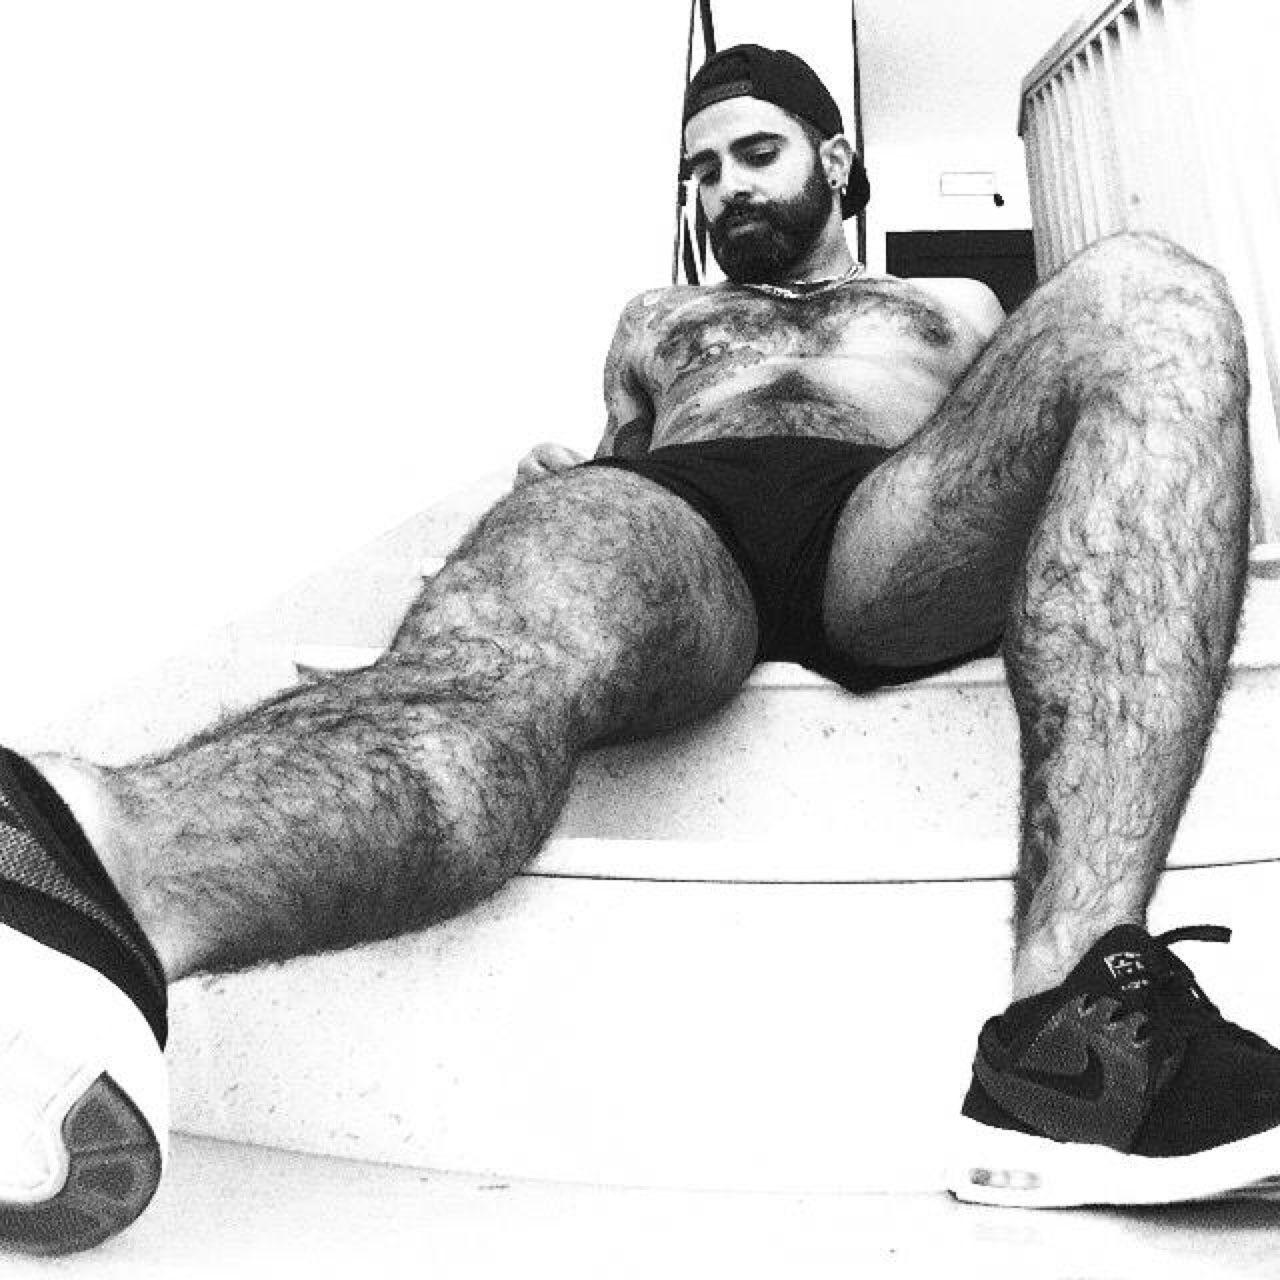 Hairy boys legs love